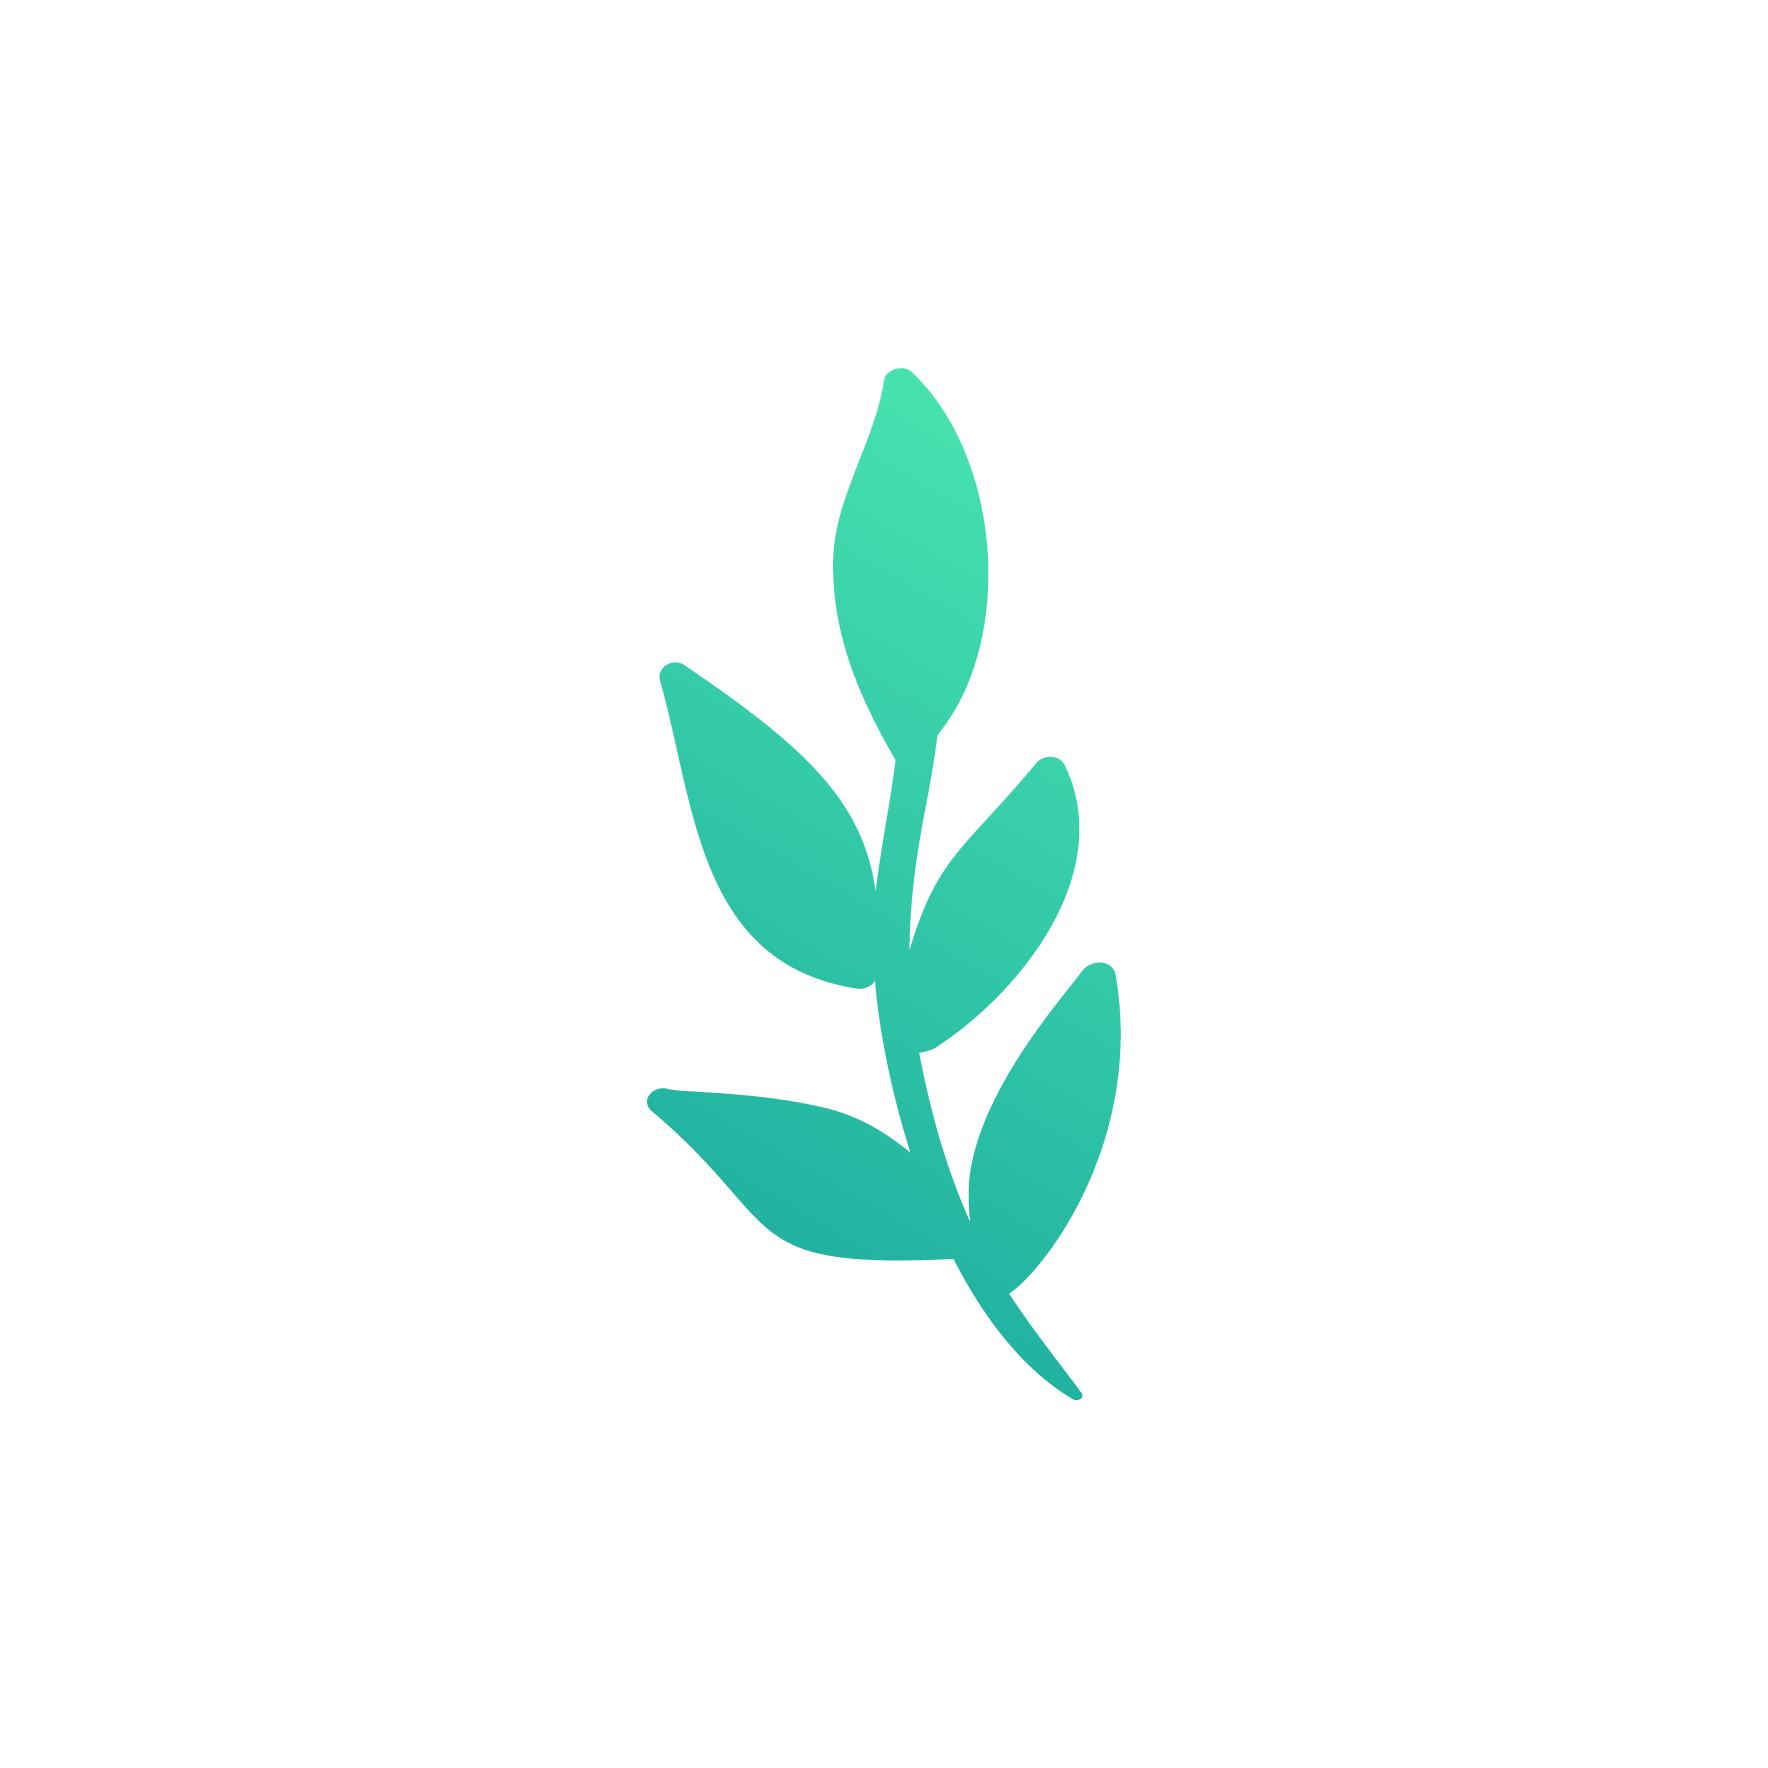 FC Grow Leaf_1@4x-100.jpg